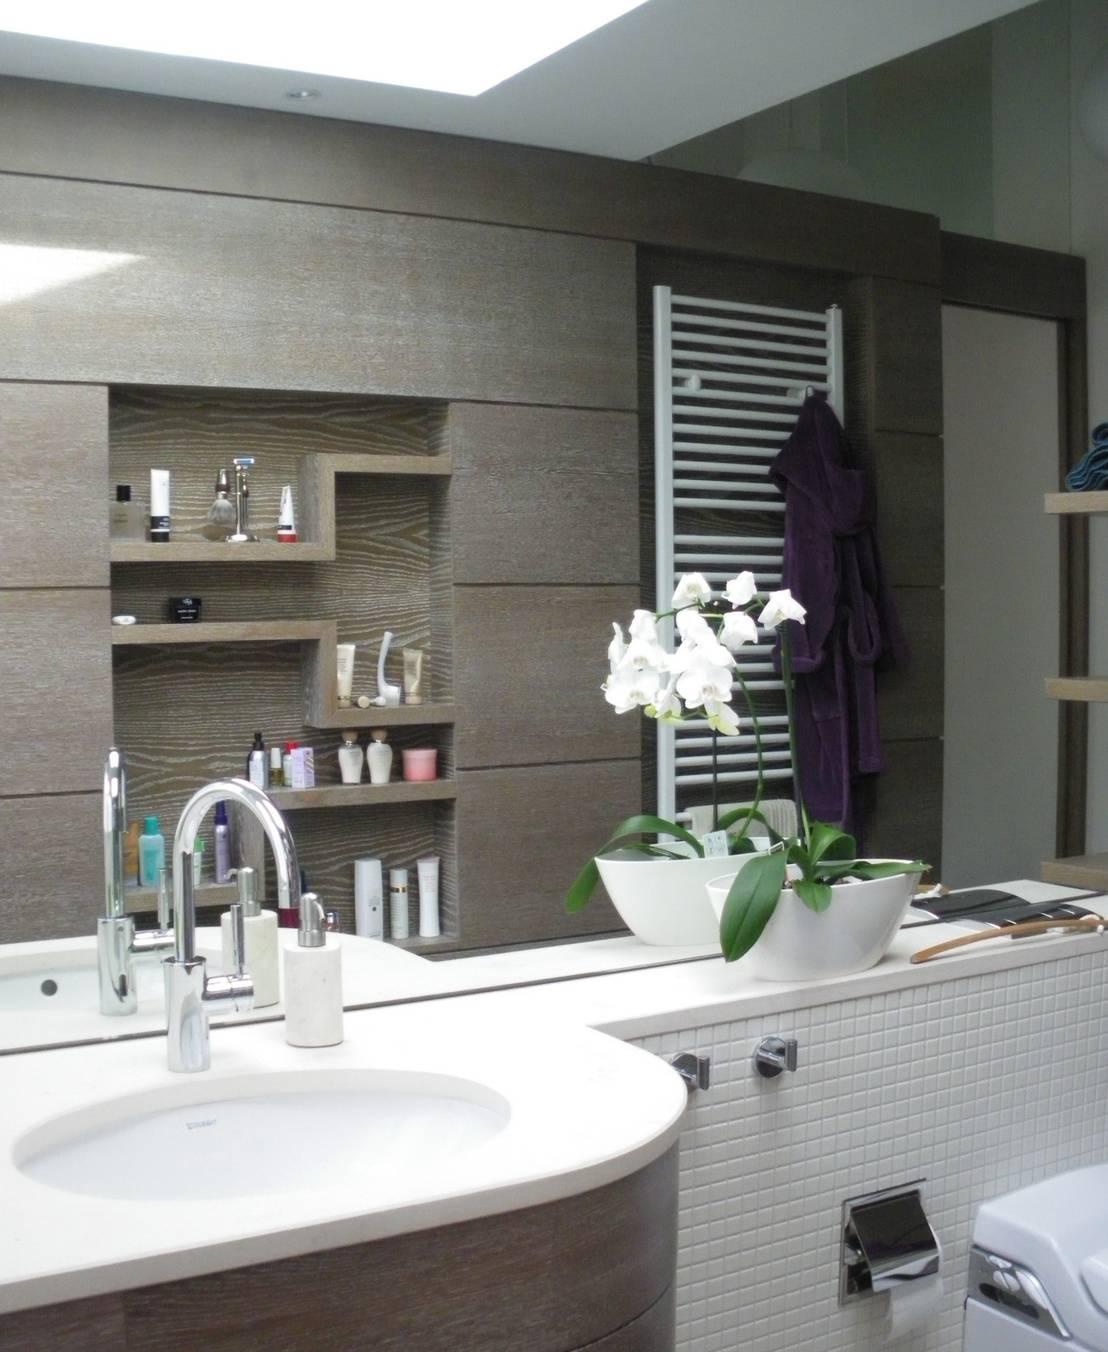 Badezimmer 2 di carsten meyer dipl ing innenarchitekt for Badezimmer innenarchitekt